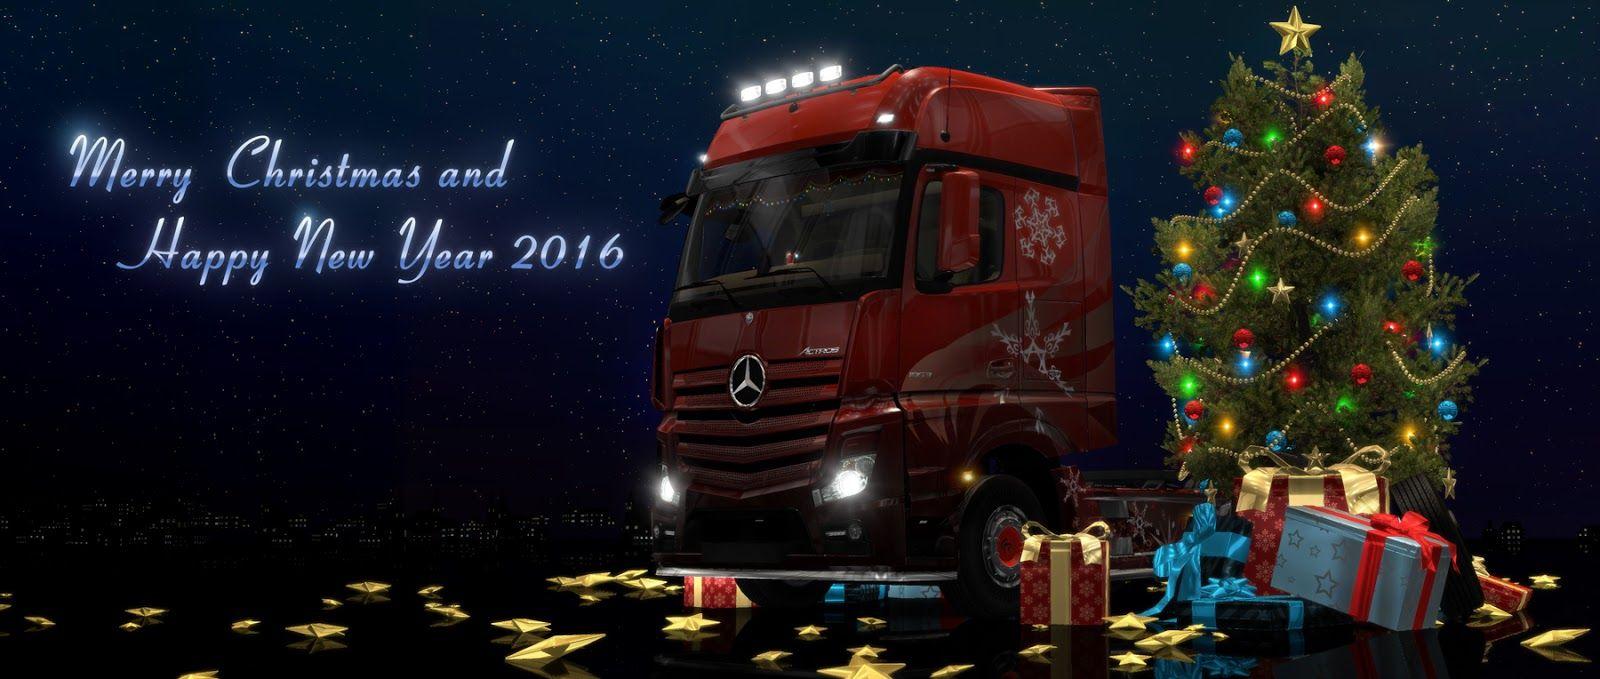 С наступающим Новым 2016 Годом и Рождеством